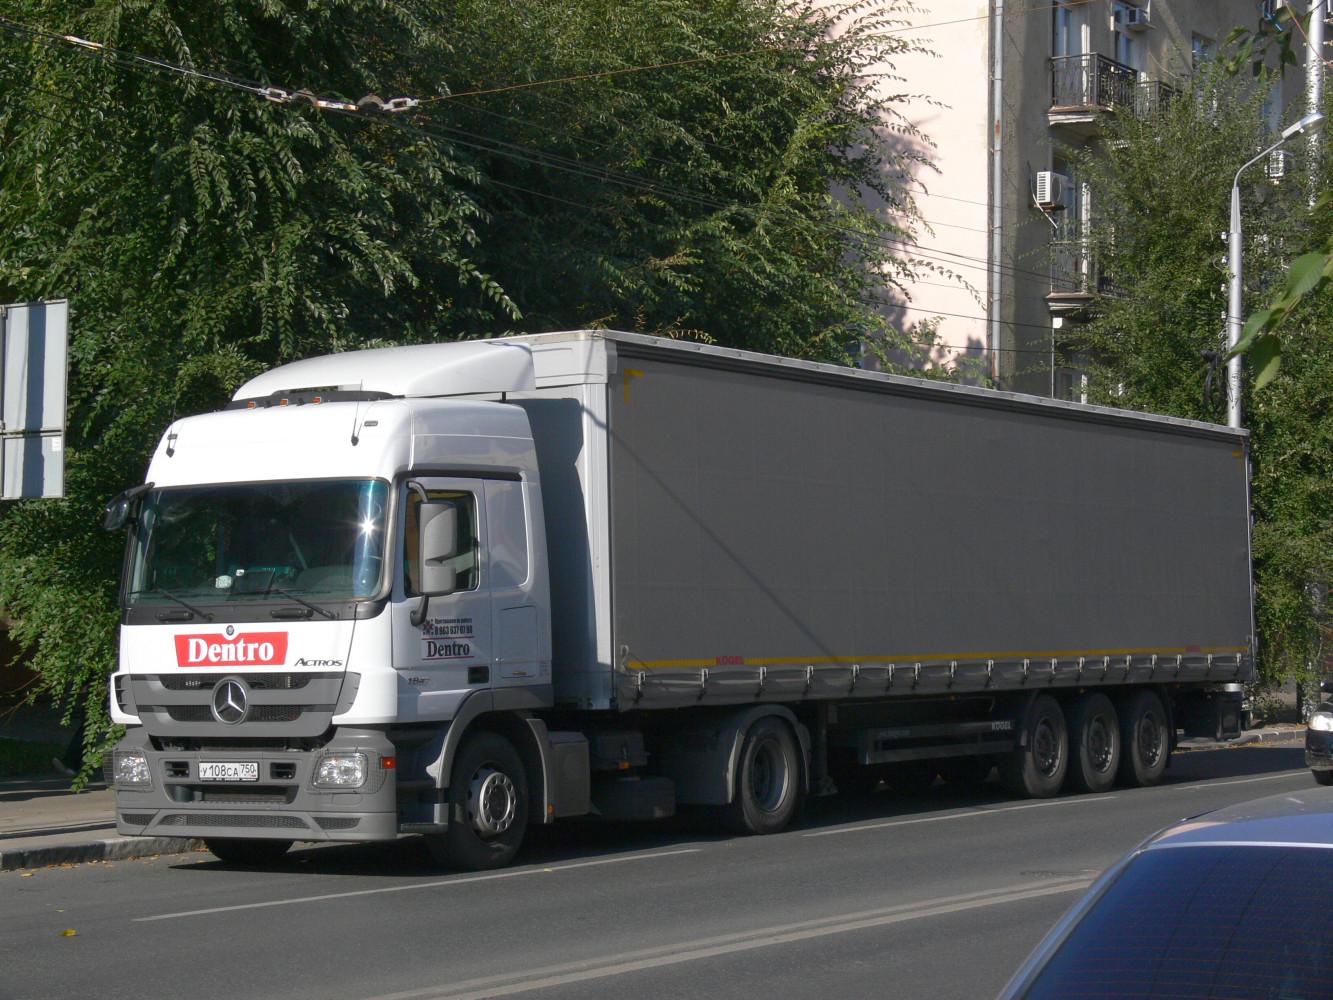 седельный тягач Mersedes-Benz Actros 1841 #у 108 са 750. г. Самара, ул. Самарская